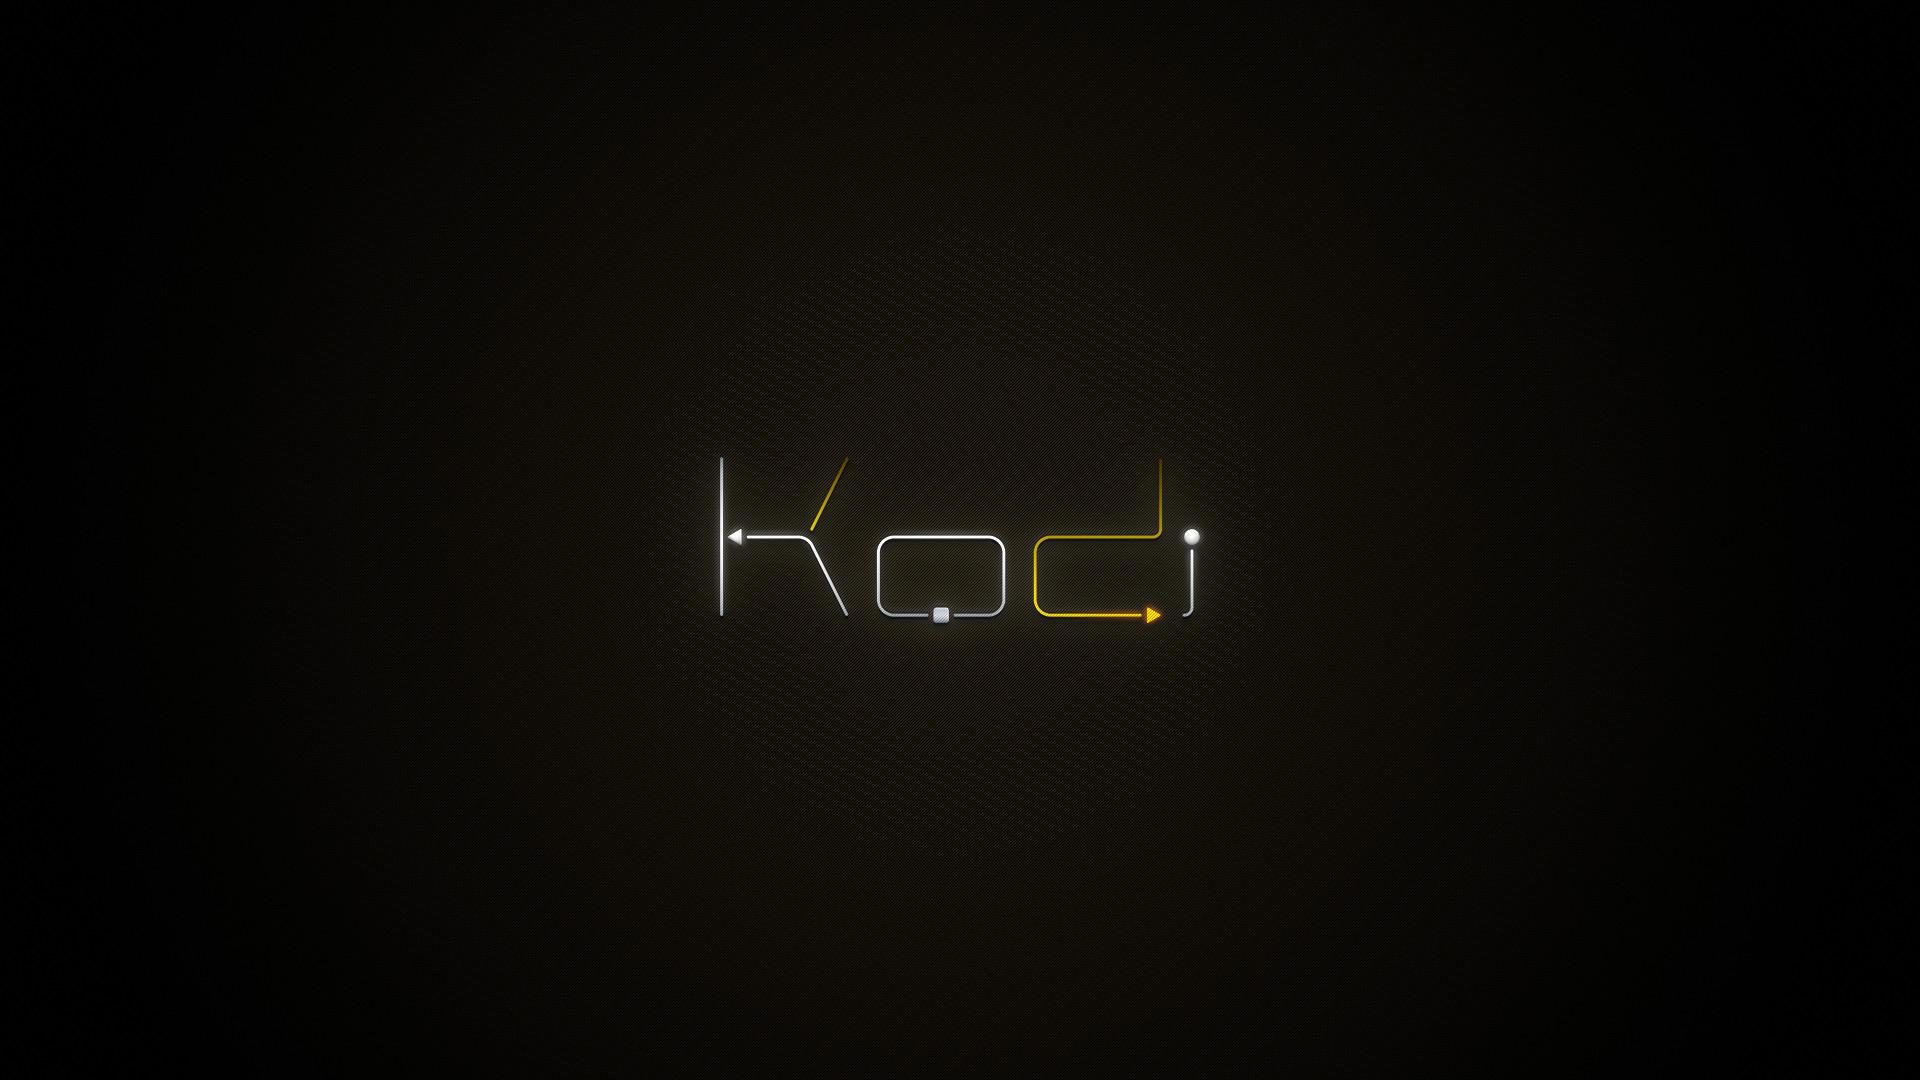 Kodi-Wallpaper-1-1080p samfisher.jpg from samfisher